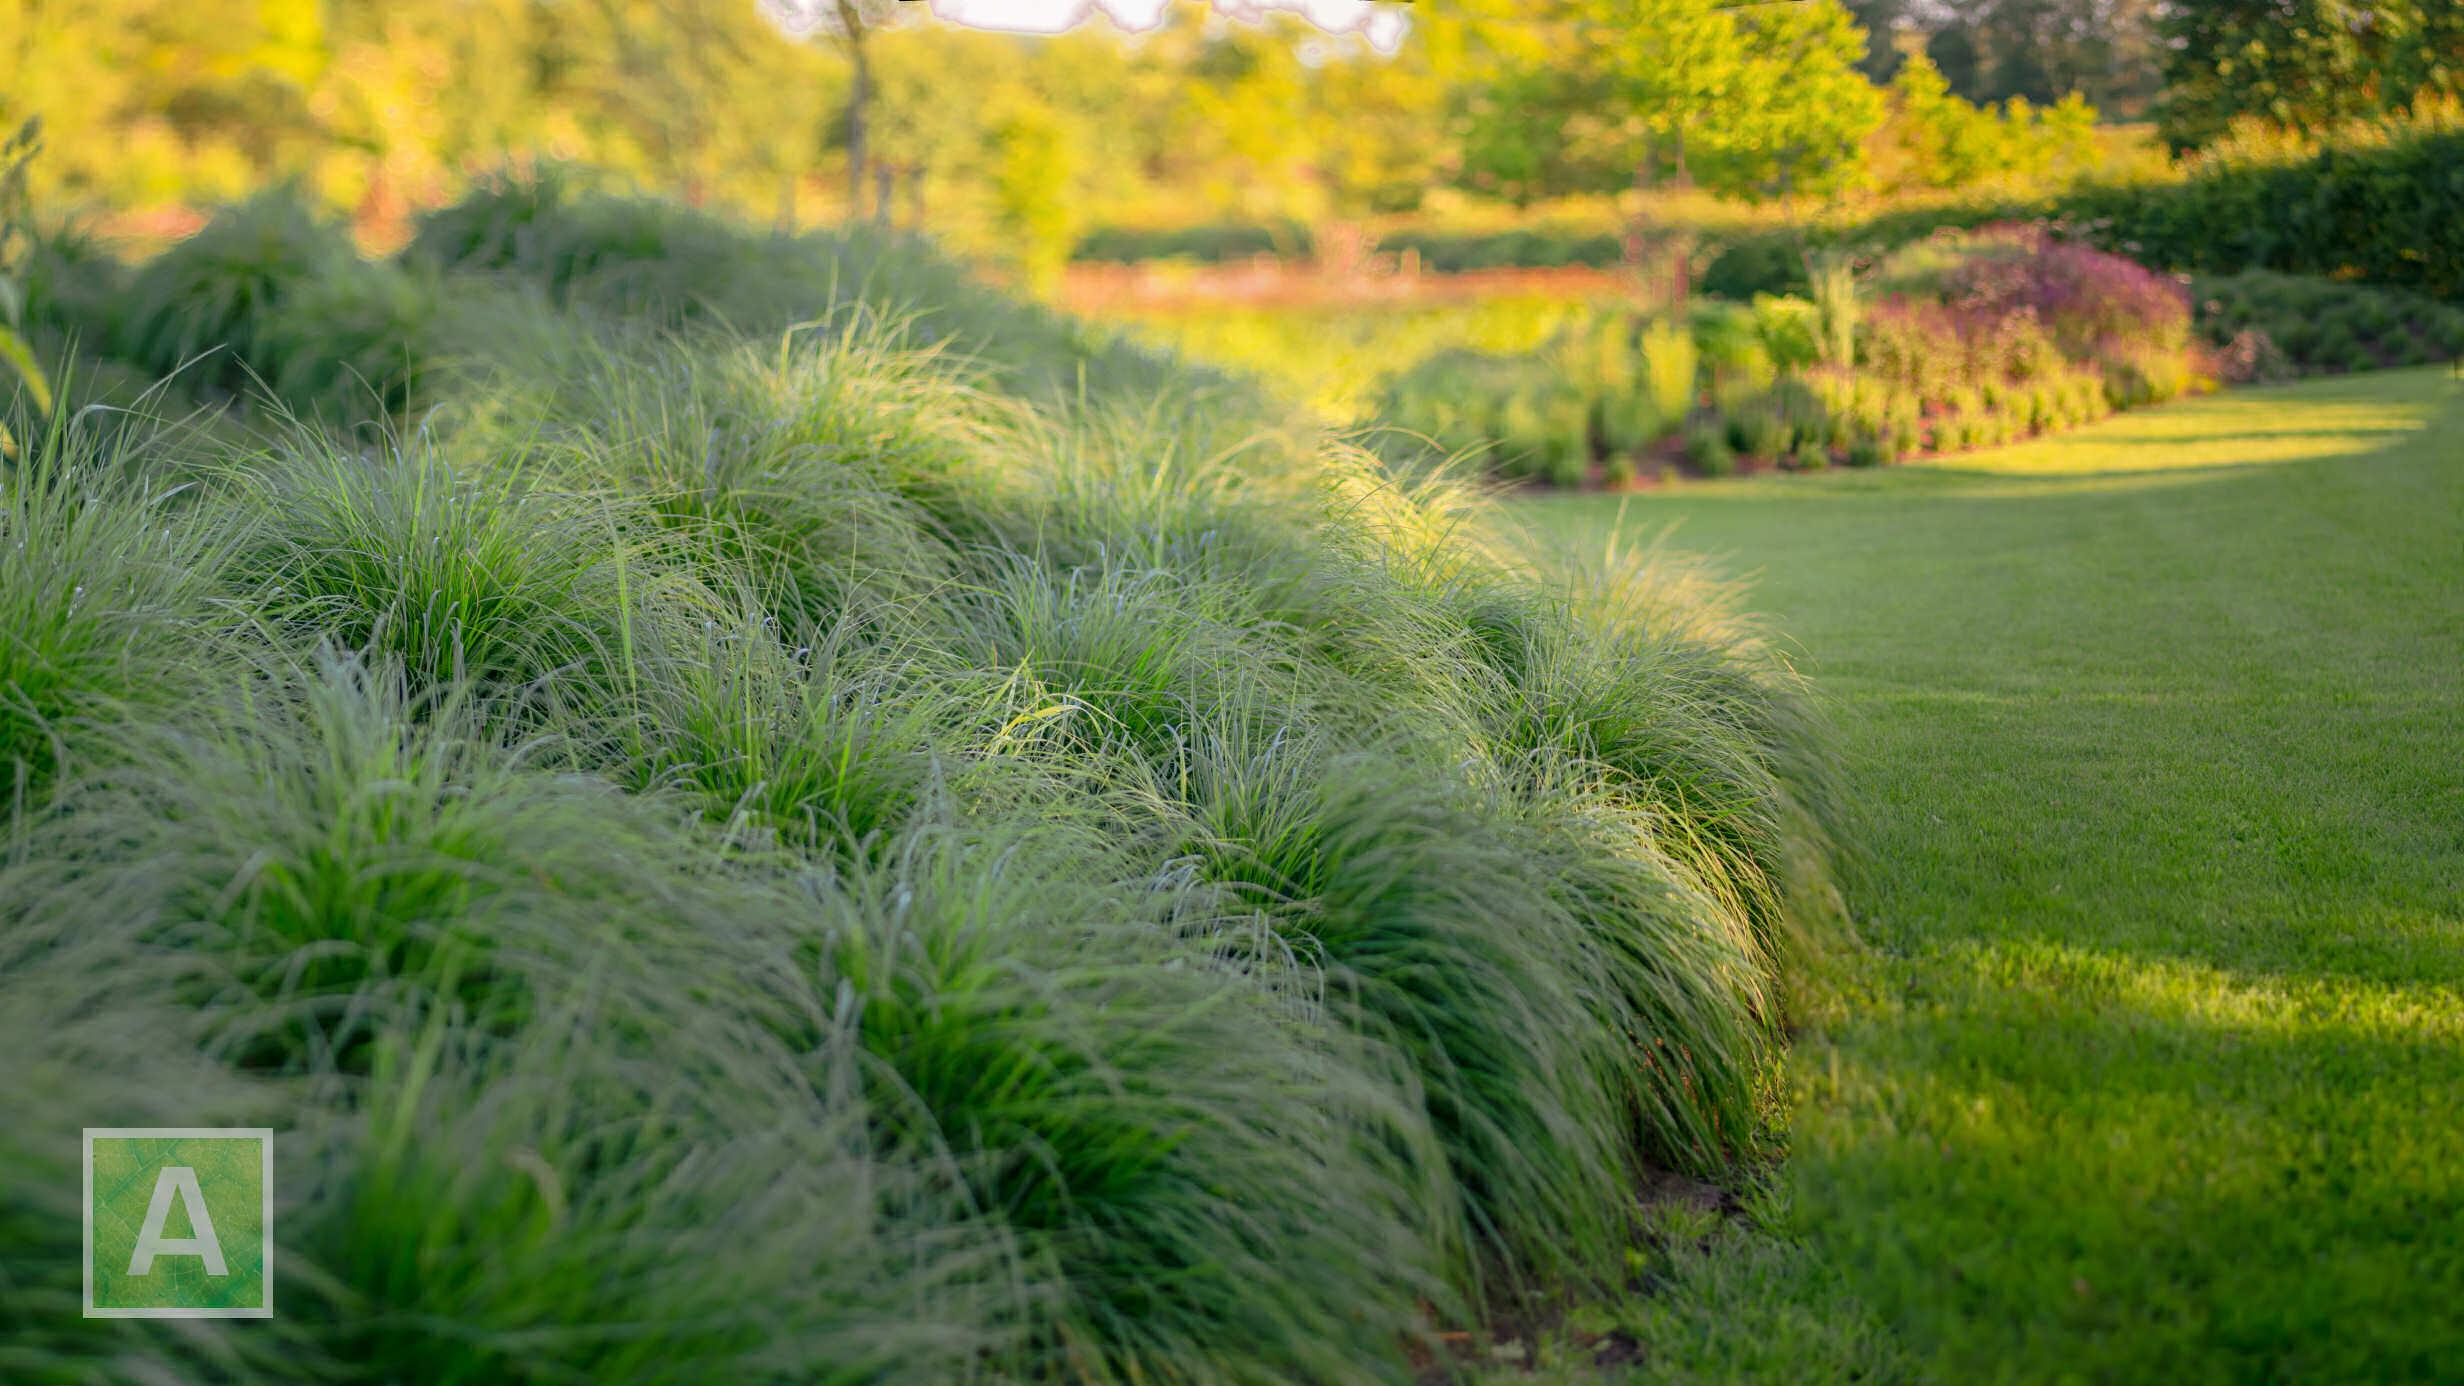 Sporobolus, grassenheuvel, siergras, bodembedekker, aanplanting